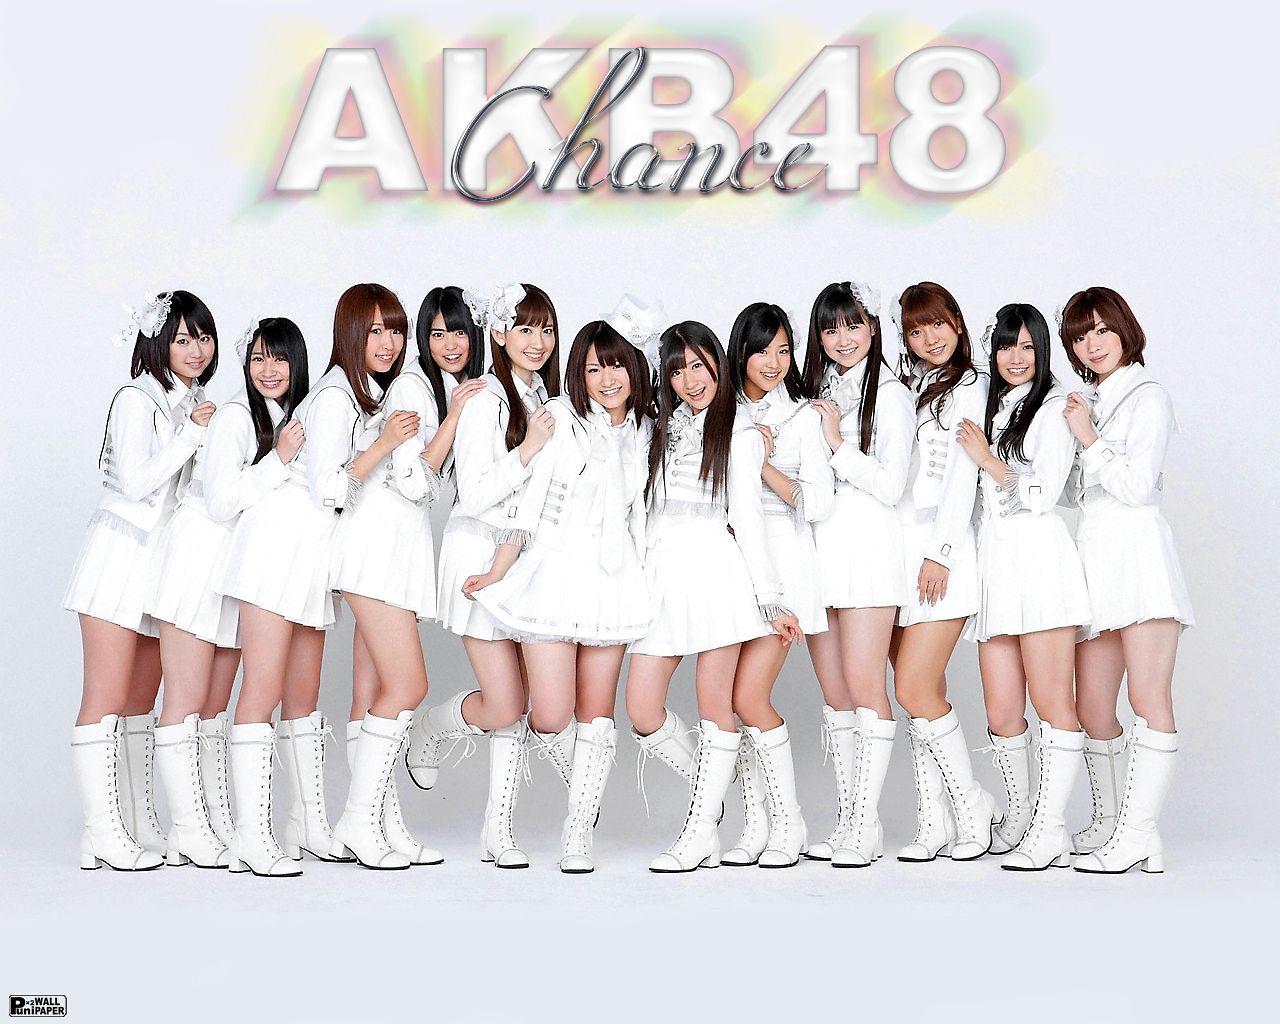 「AKB48」とは?